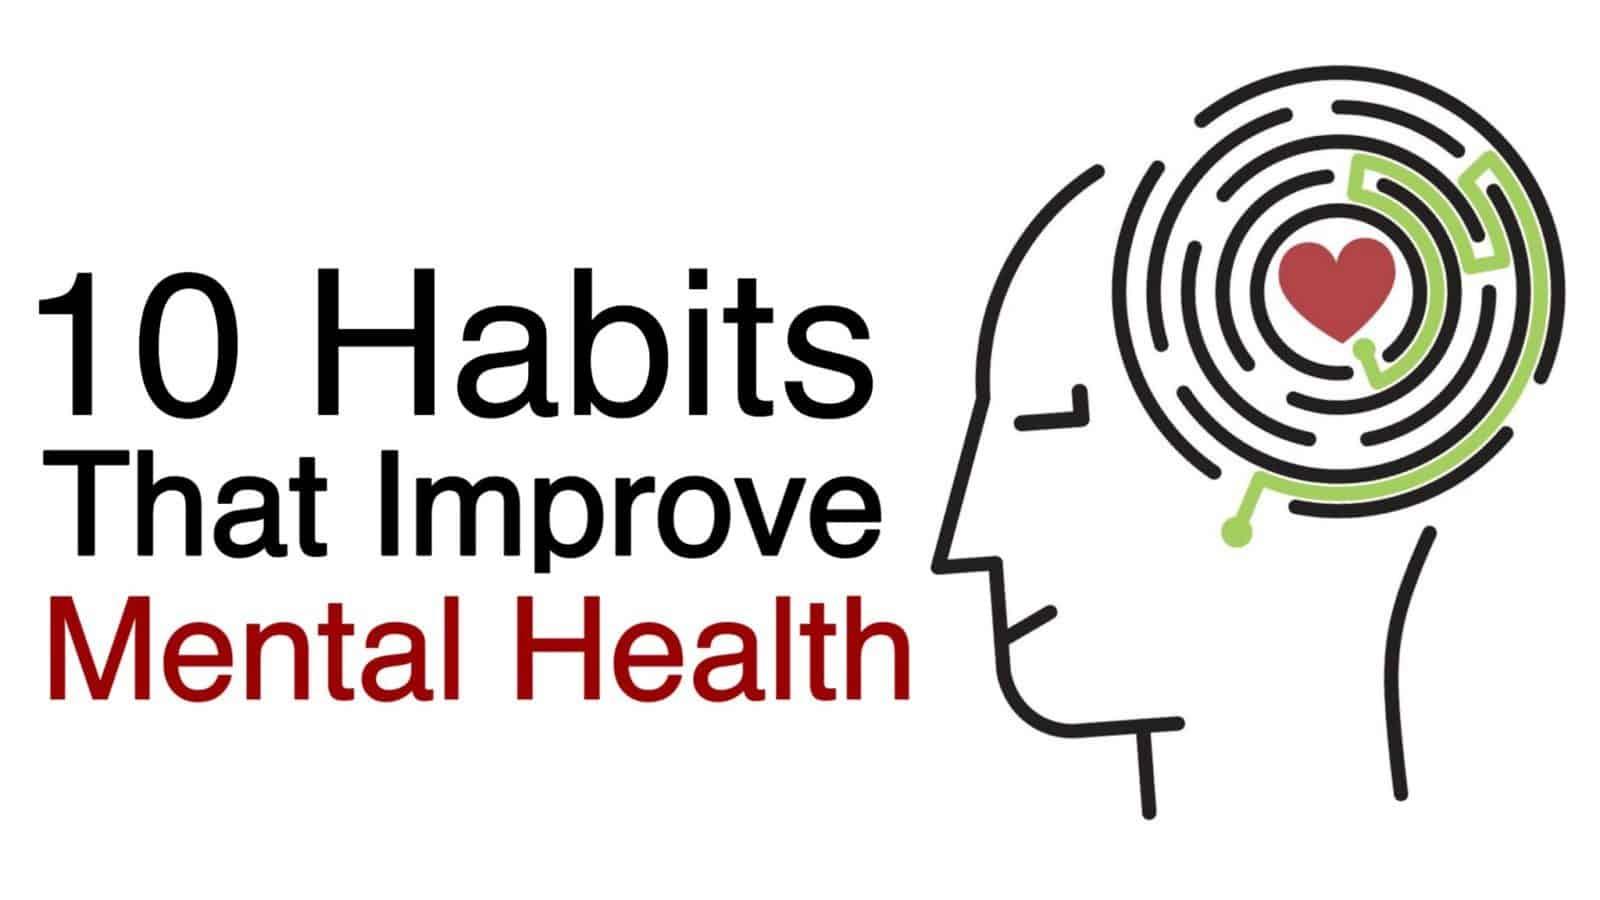 10 Habits That Improve Mental Health